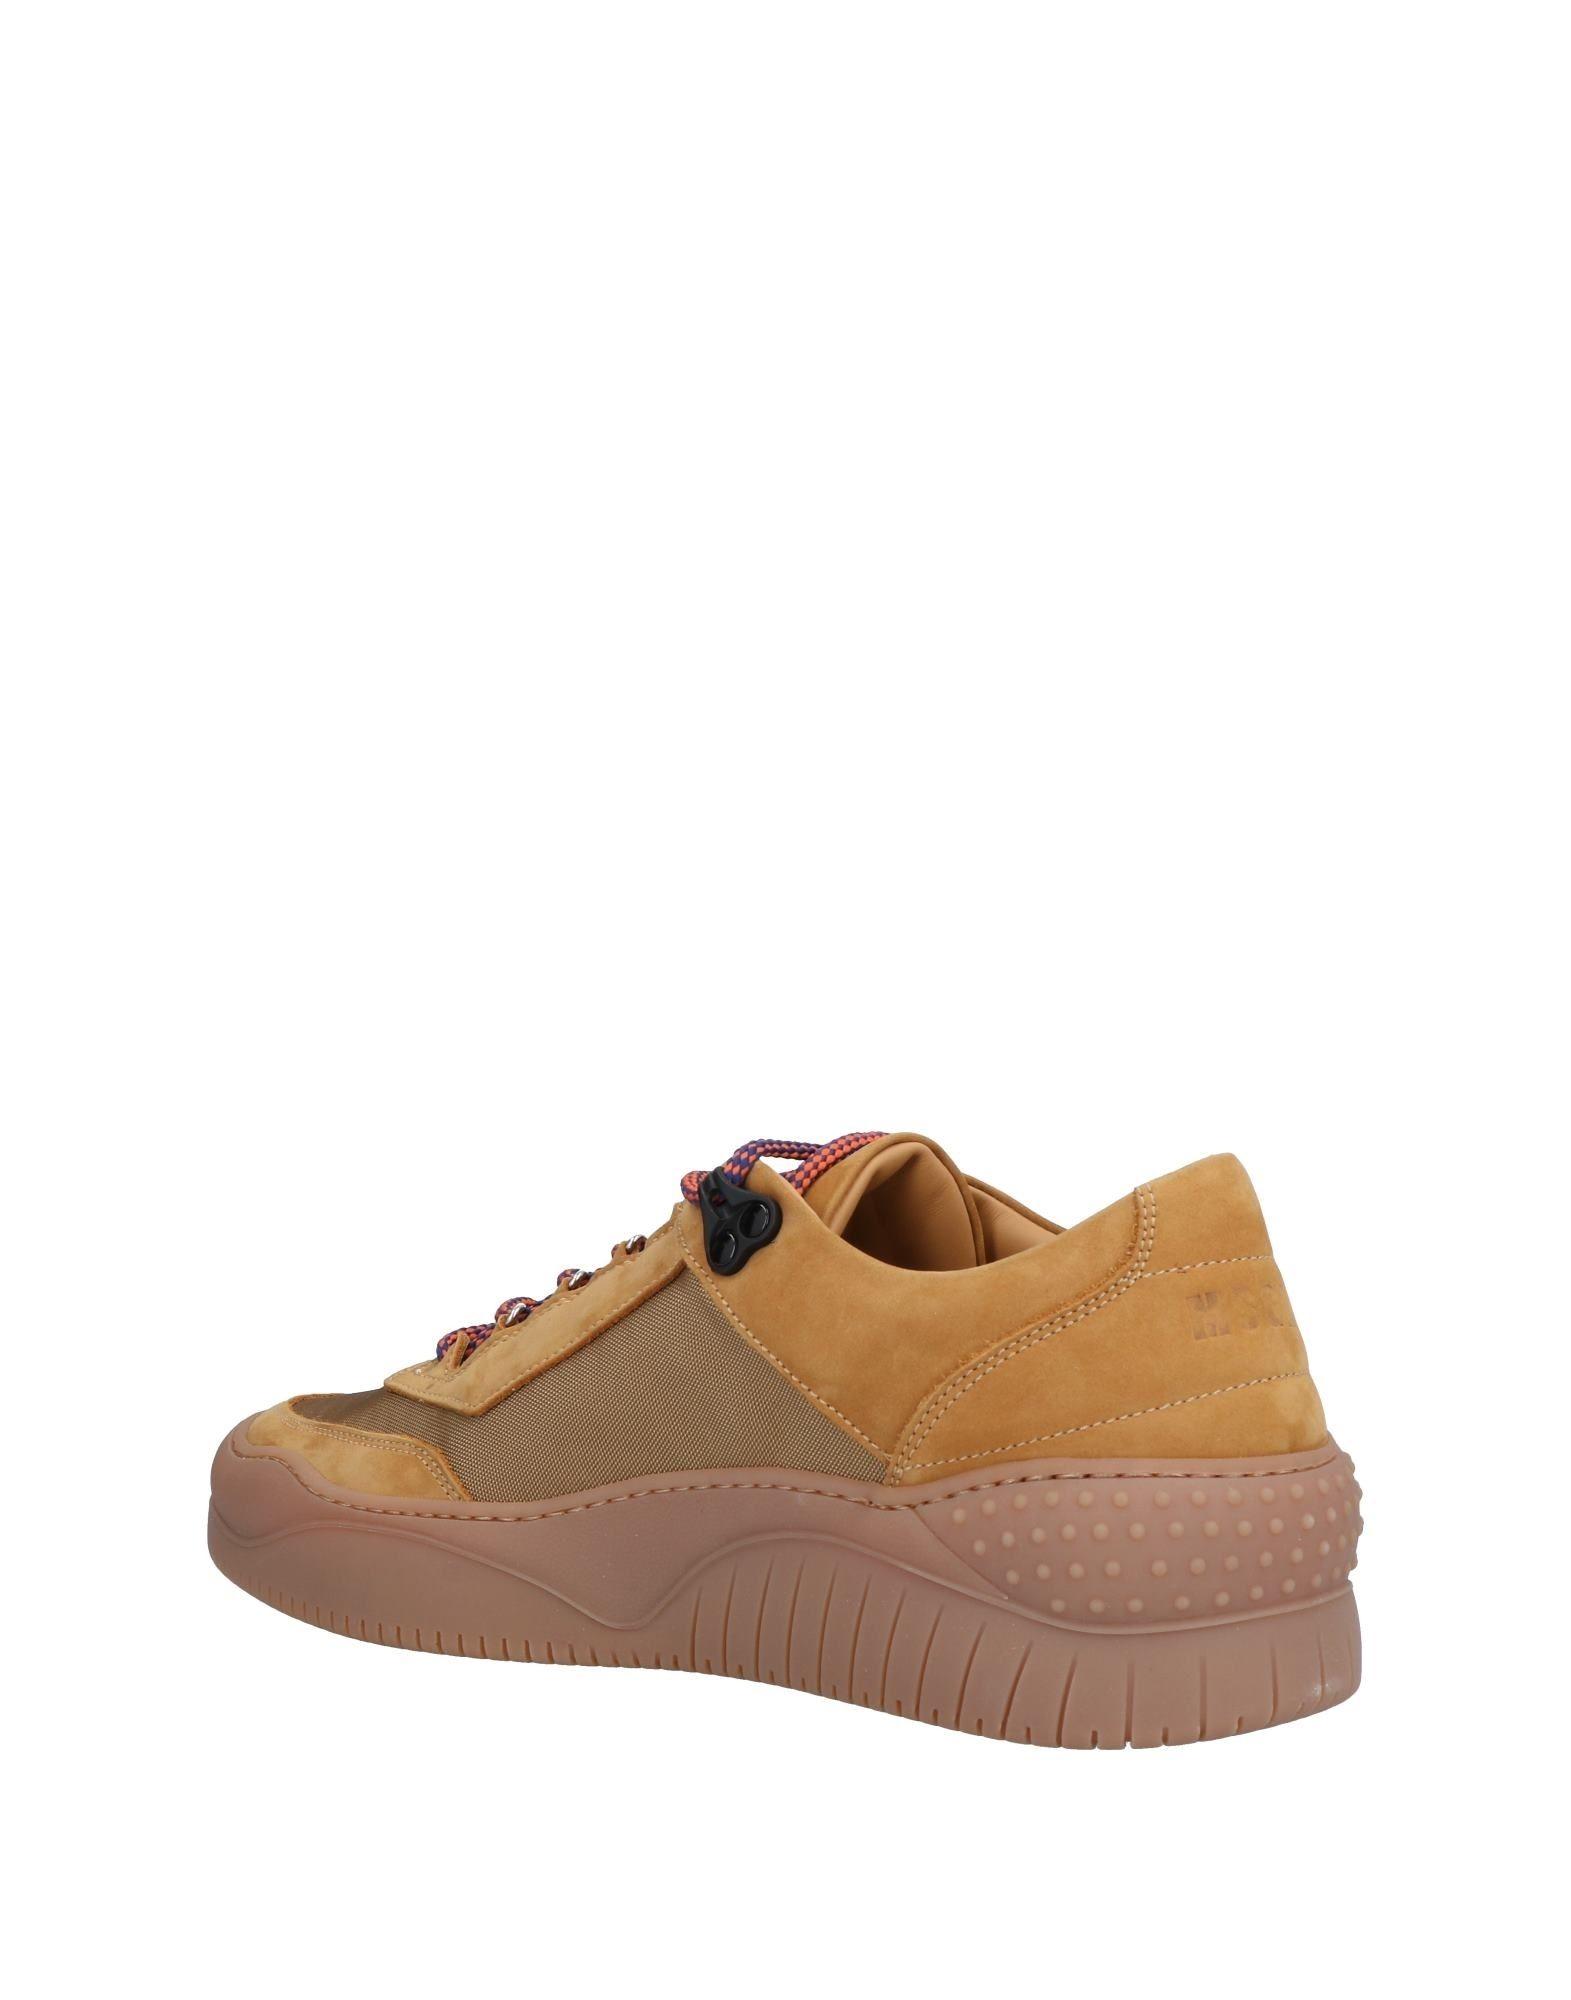 Msgm Sneakers Sneakers - Men Msgm Sneakers Msgm online on  Australia - 11494085MC 5b26ca